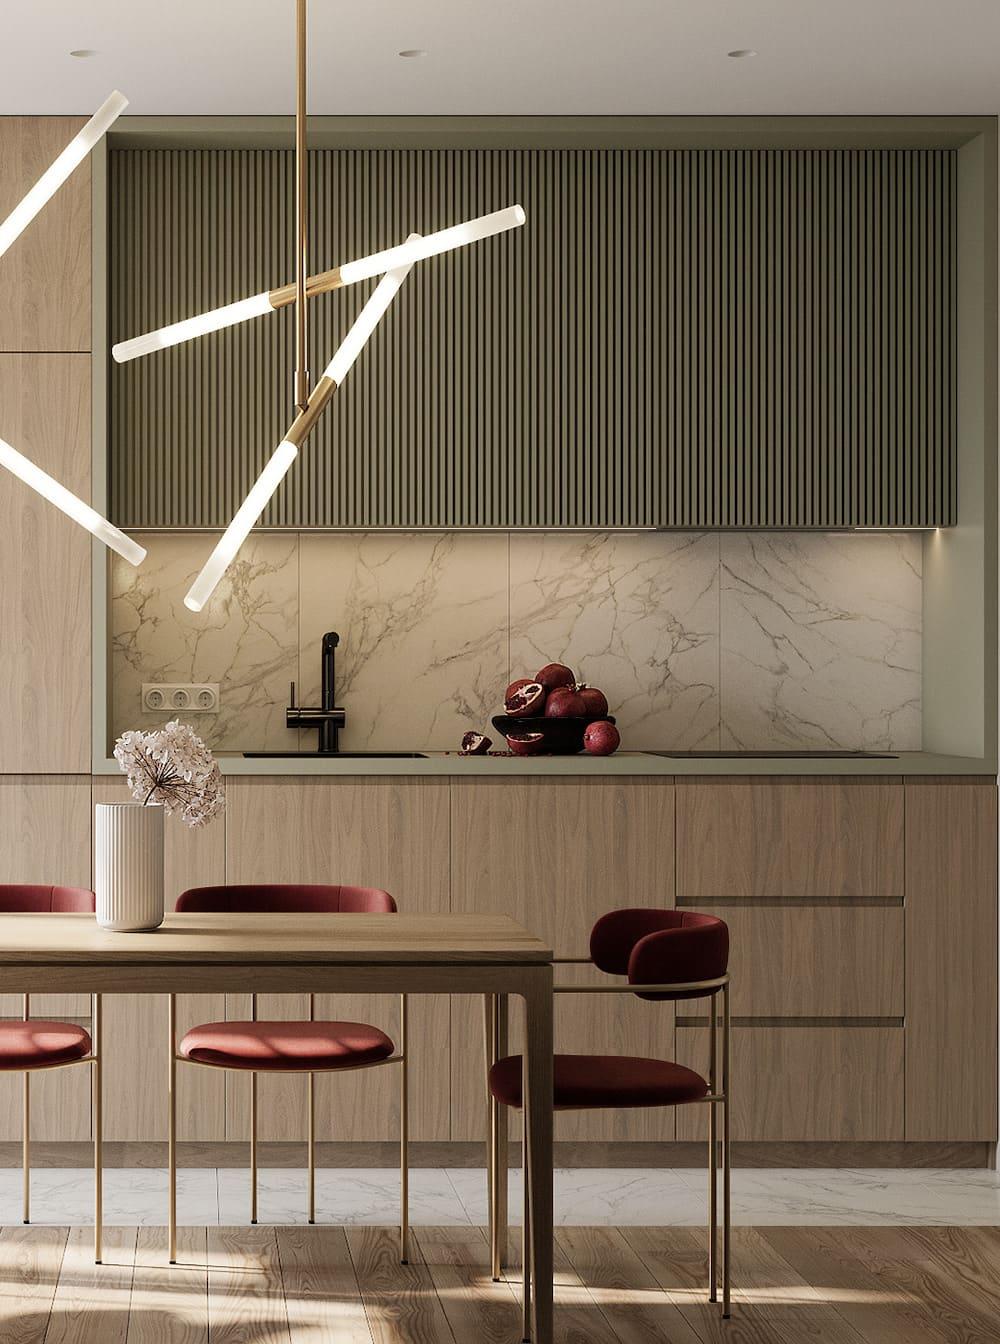 дизайн кухни в современном стиле фото 19